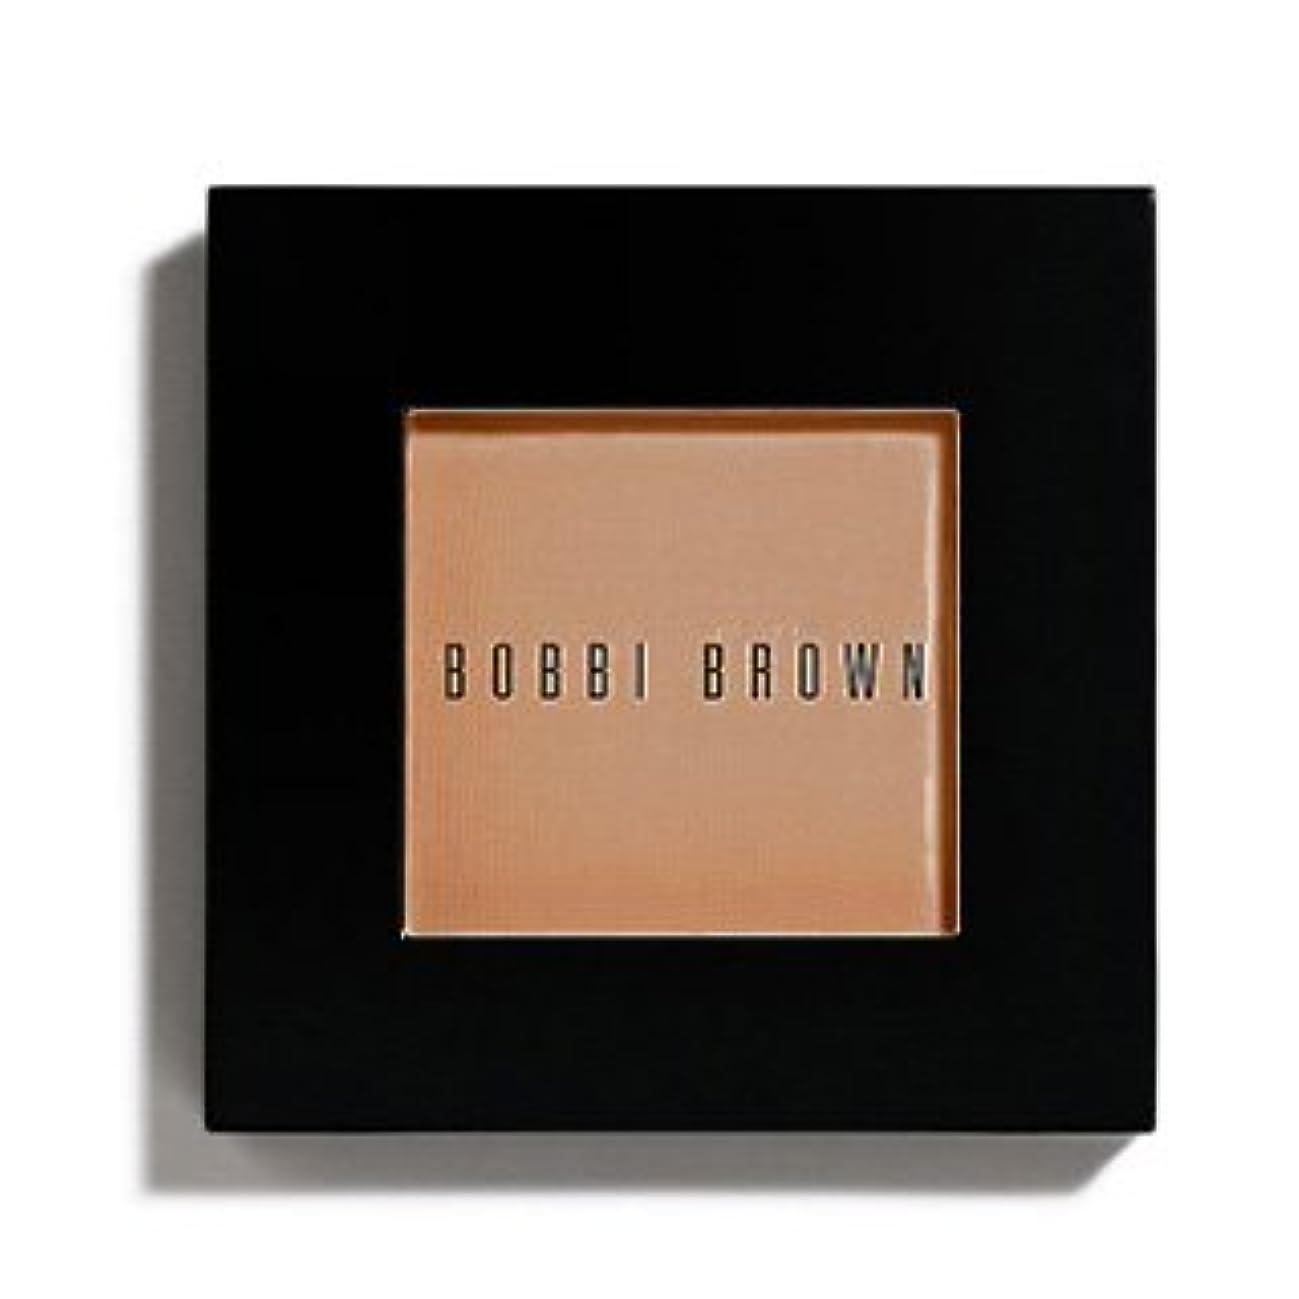 退屈させるトイレ一時的BOBBI BROWN ボビイ ブラウン アイシャドウ #14 Toast 2.5g [並行輸入品]